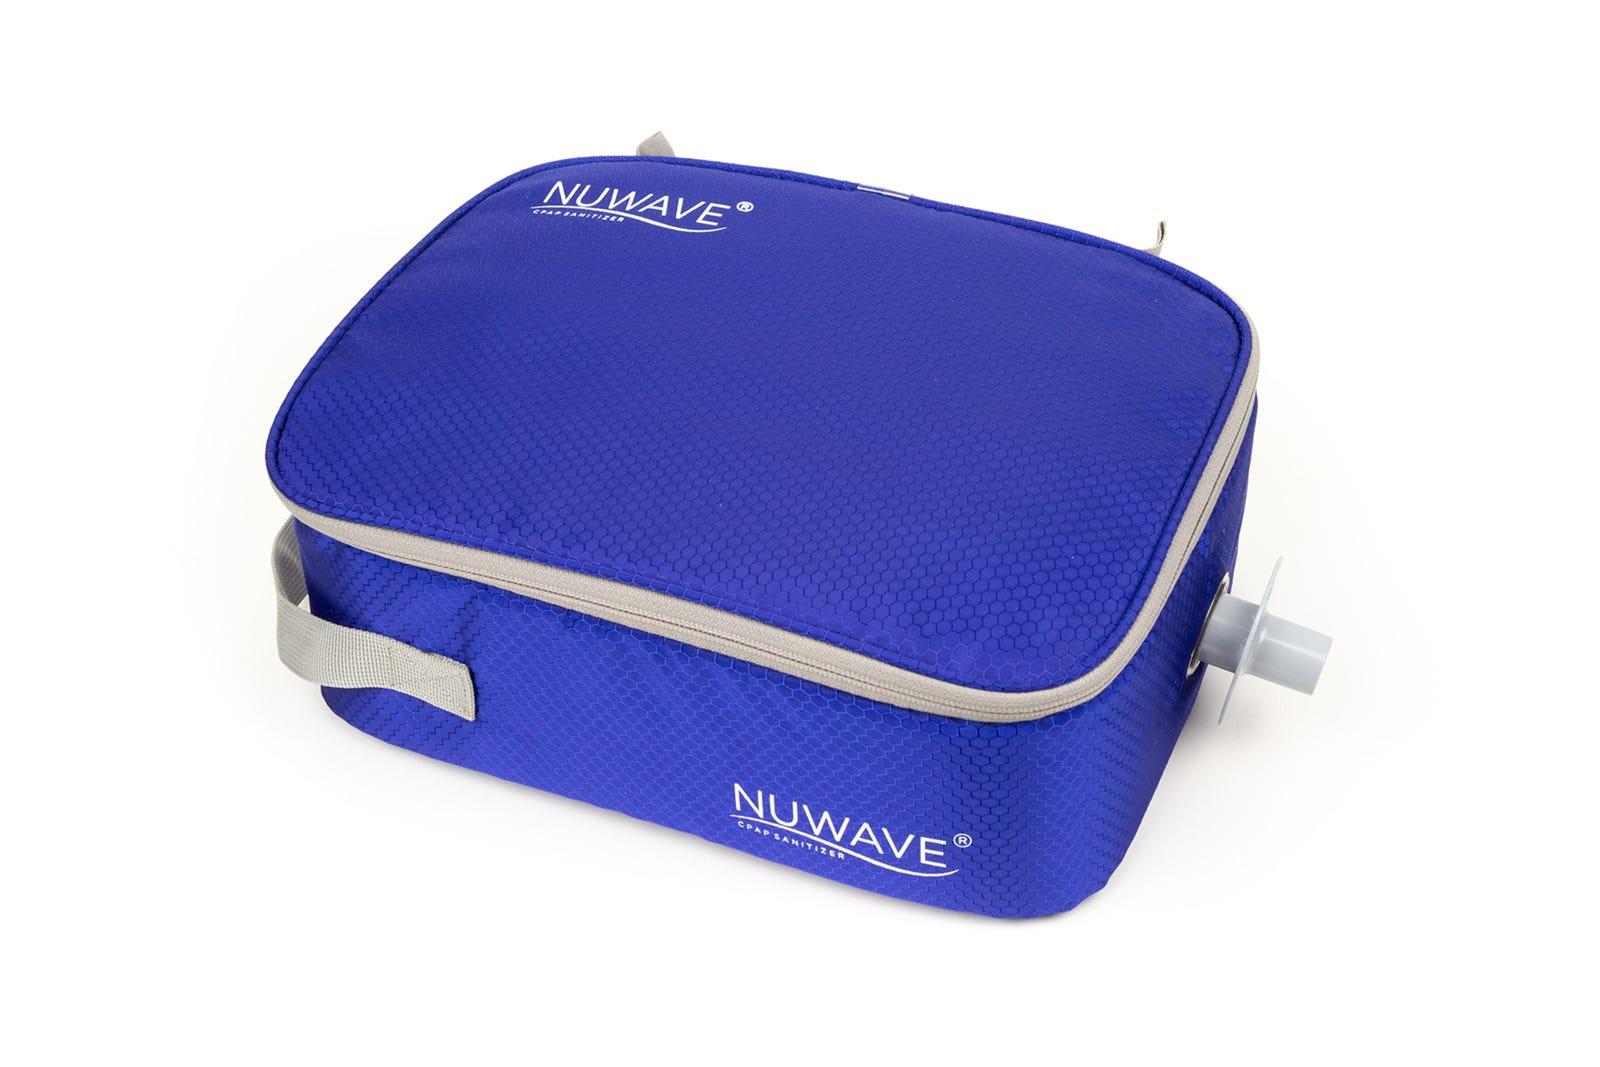 Large NUWAVE® Bag